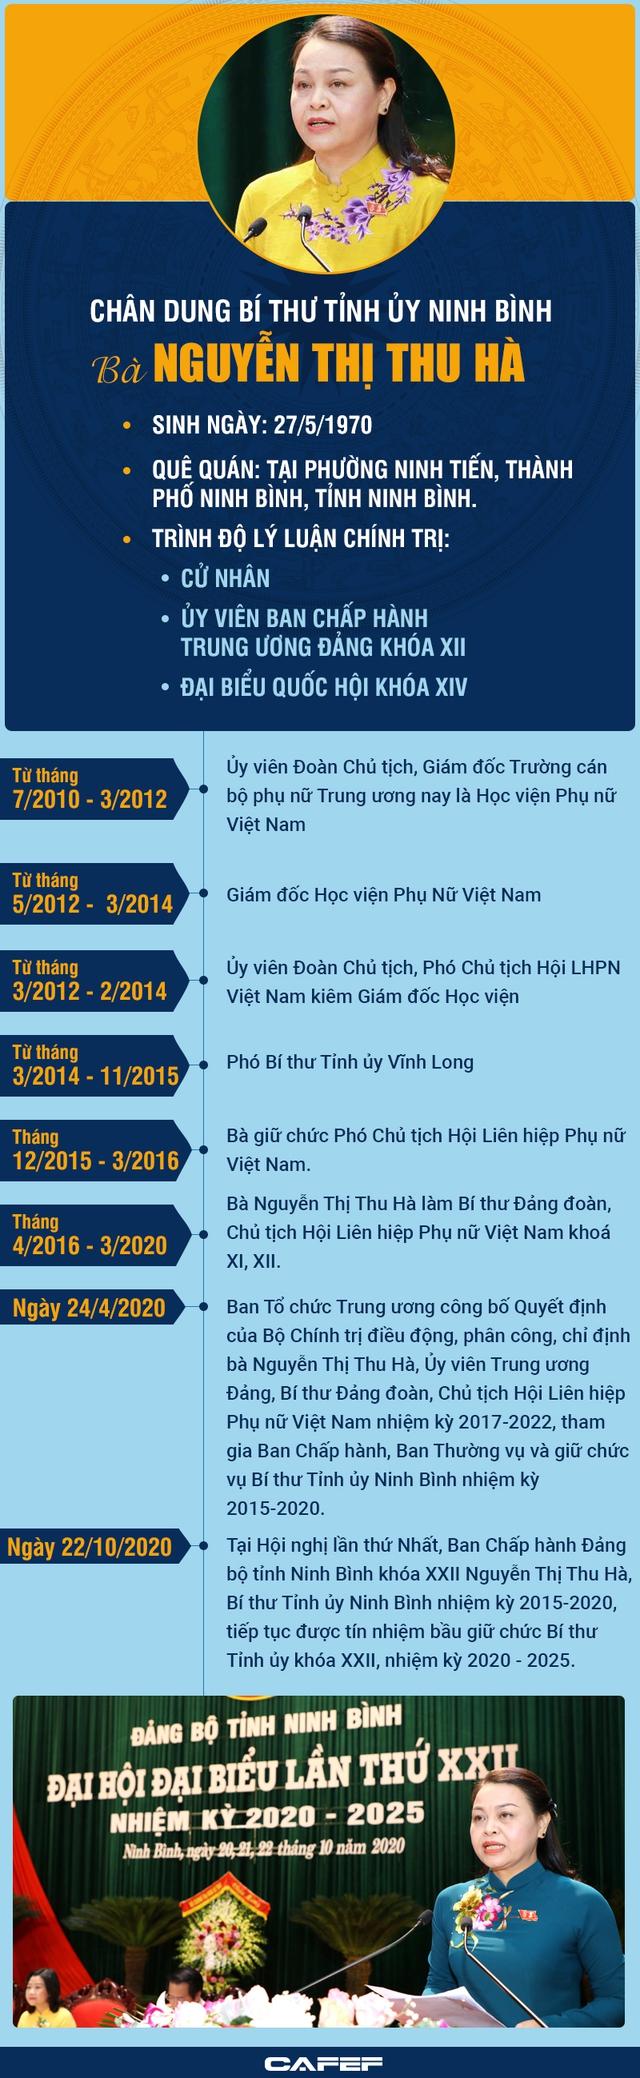 [Infographic]: Chân dung Bí thư Tỉnh uỷ Ninh Bình Nguyễn Thị Thu Hà  - Ảnh 1.